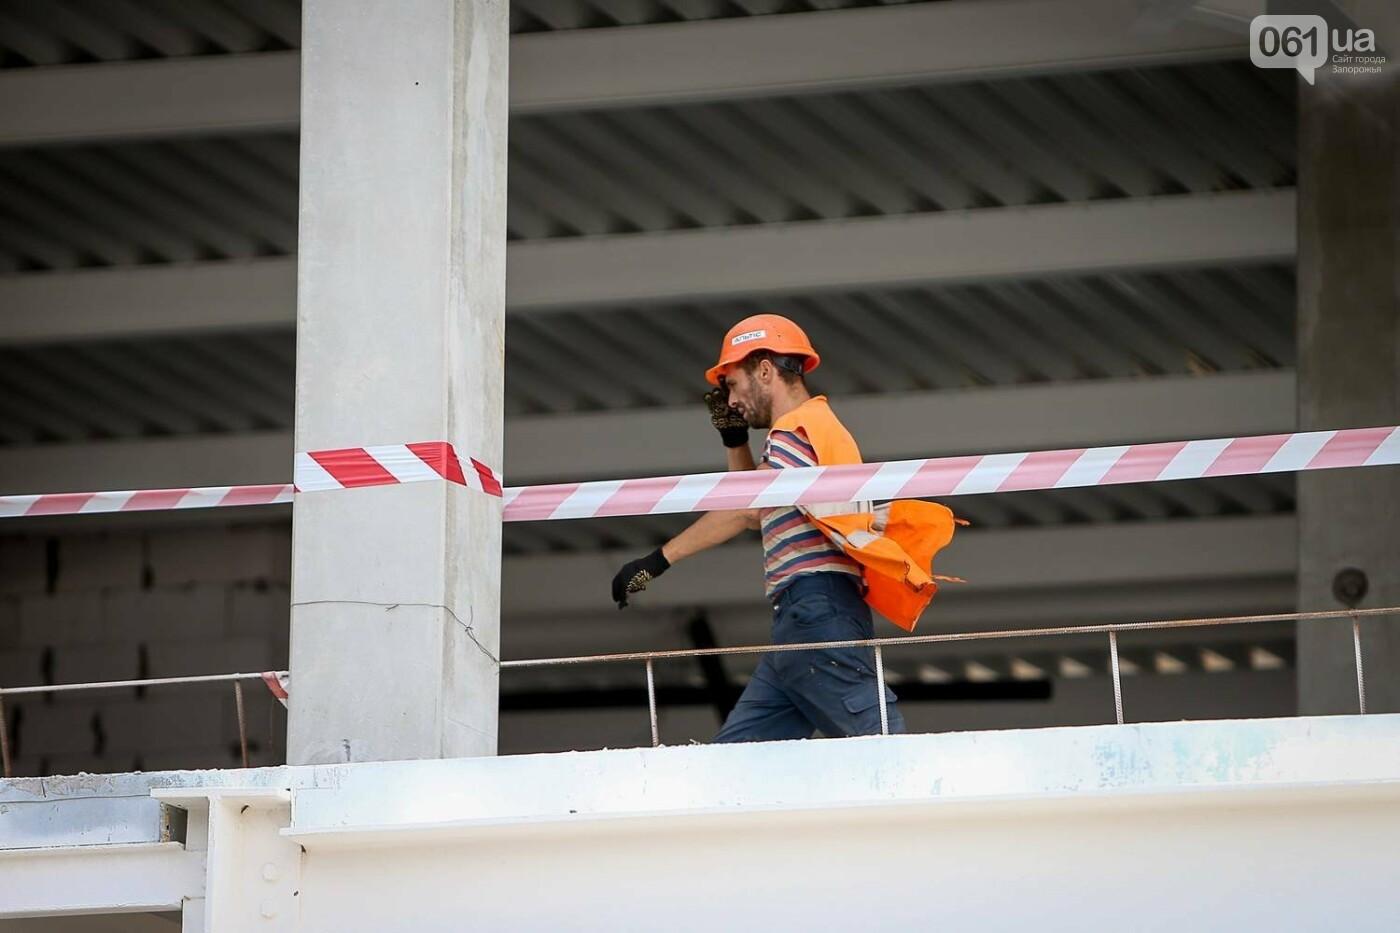 Как идет строительство нового терминала аэропорта Запорожья 10